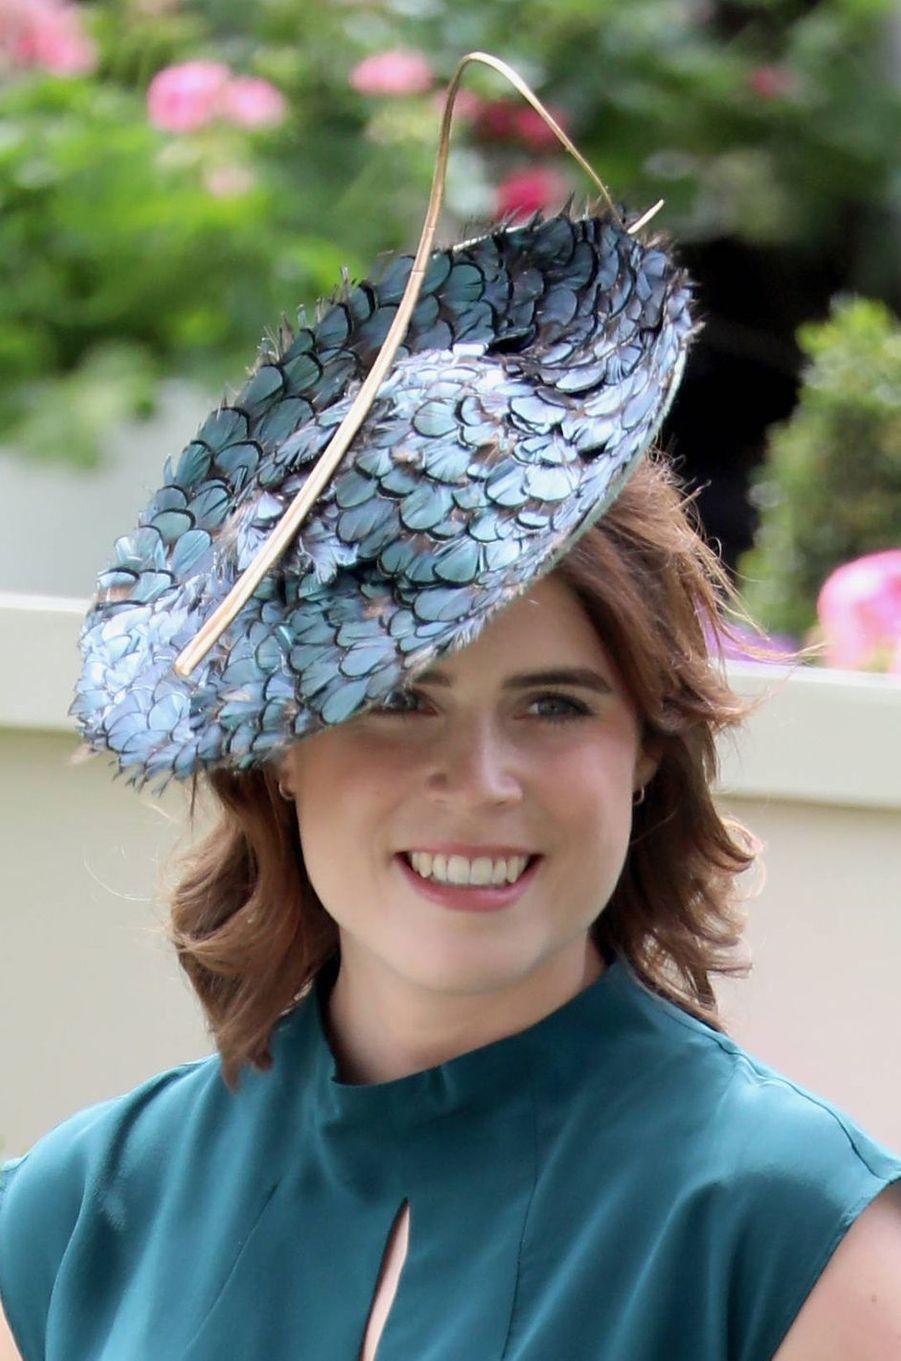 Le chapeau de la princesse Eugenie d'York au Royal Ascot, le 20 juin 2019